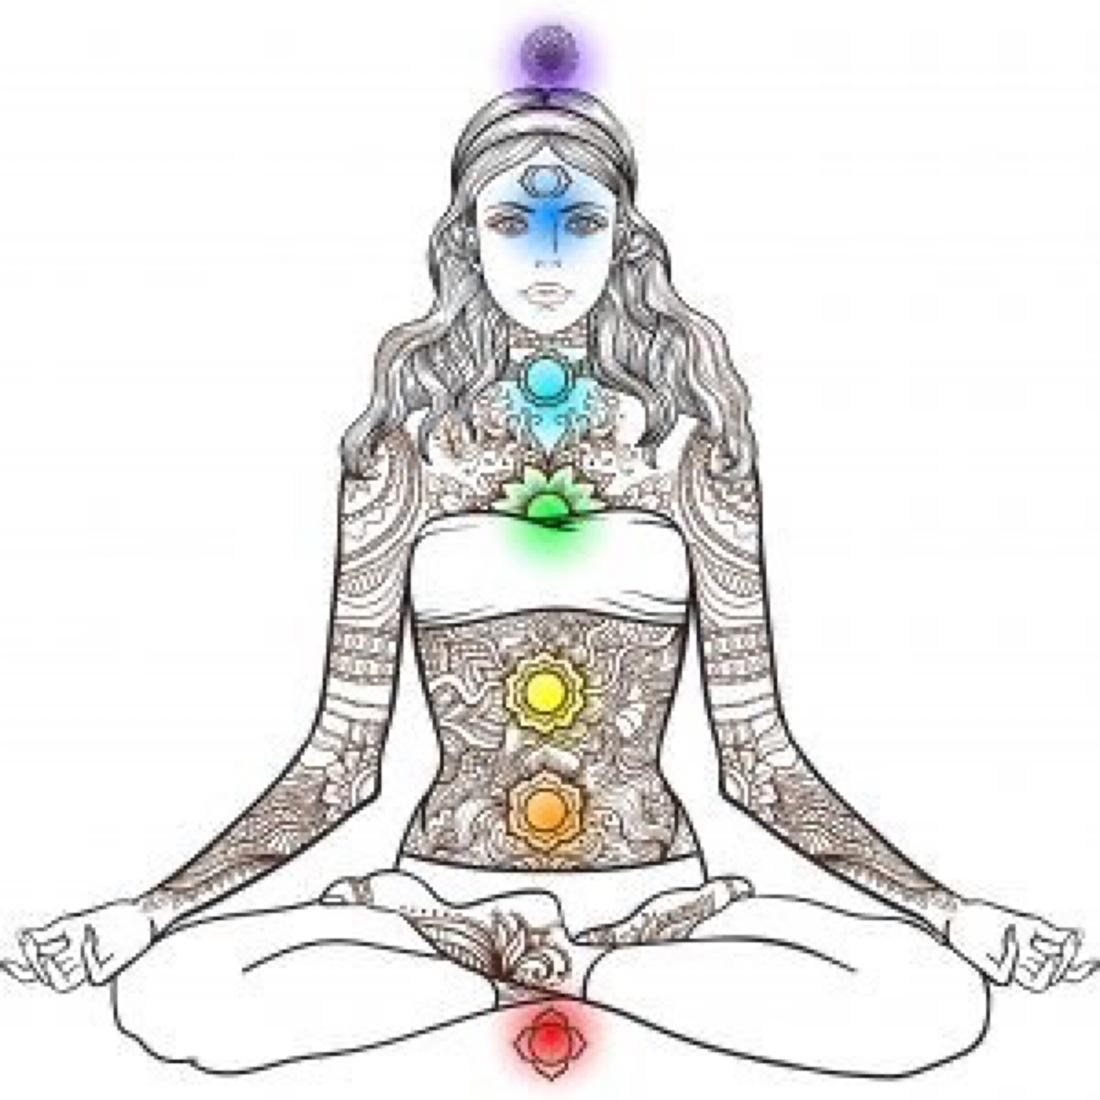 Edelstenen en chakra's bij rituelen en magie bij volle maan heksen spell